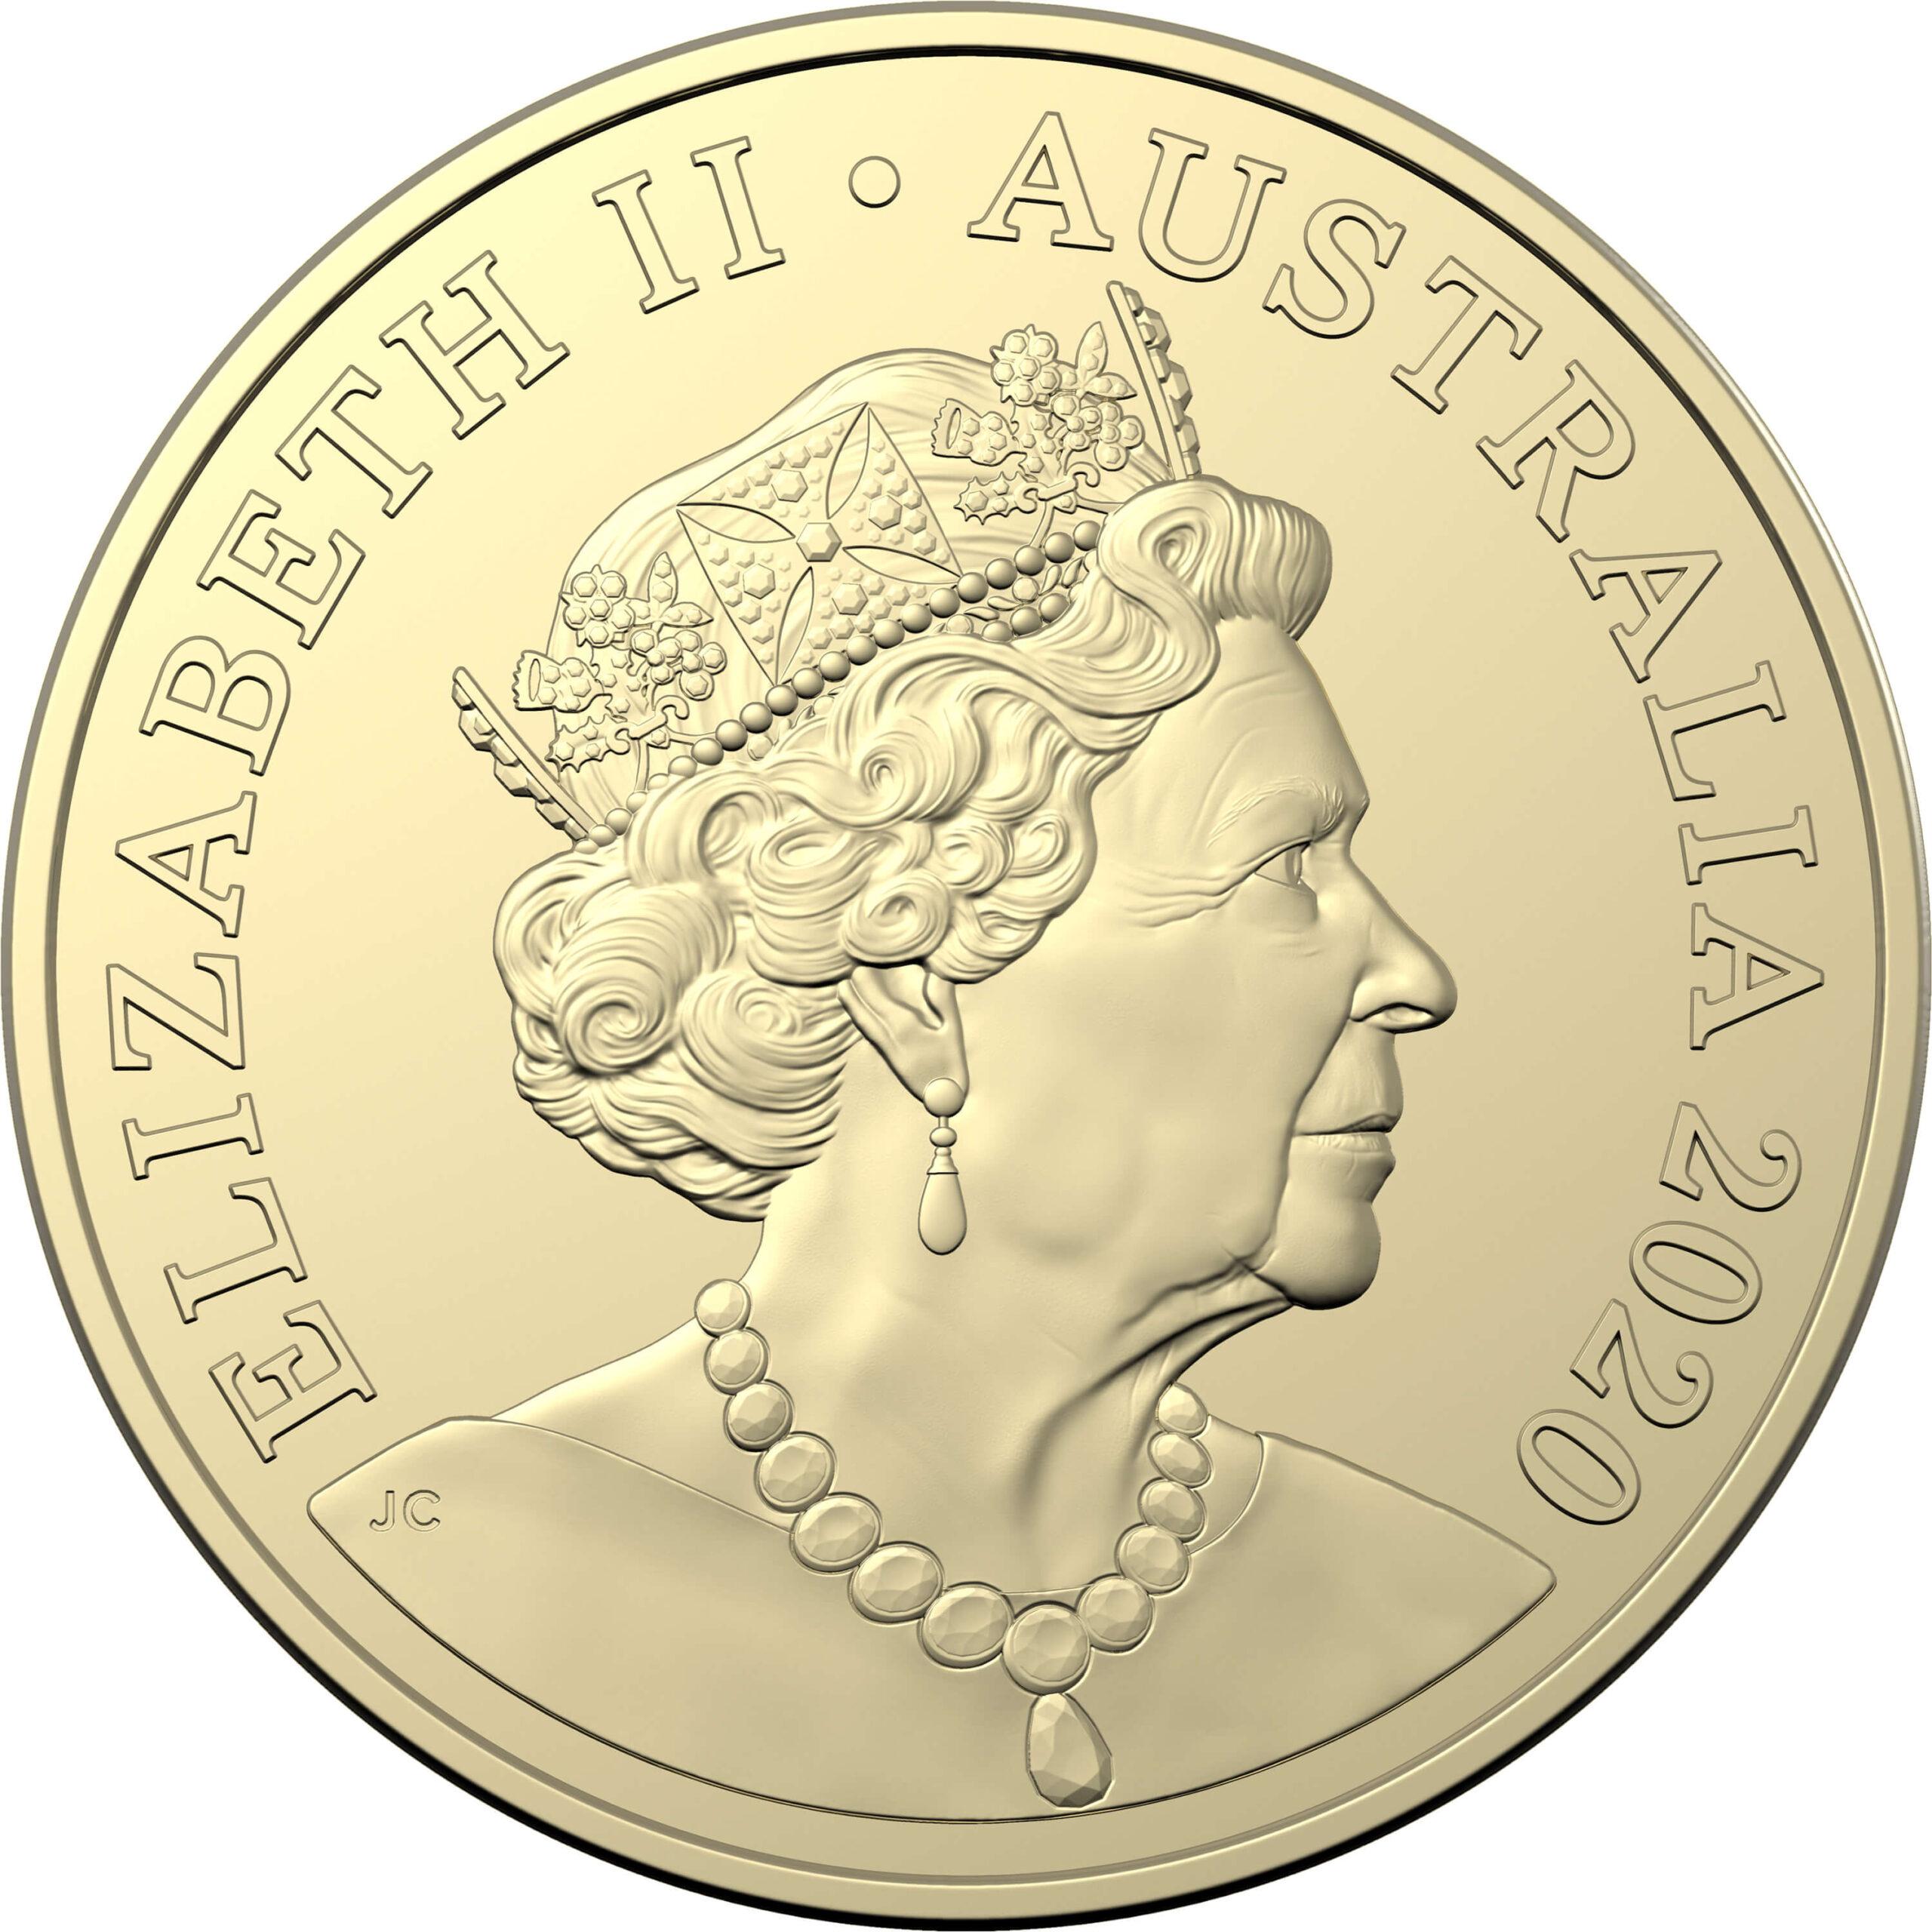 AU 1 Dollar 2020